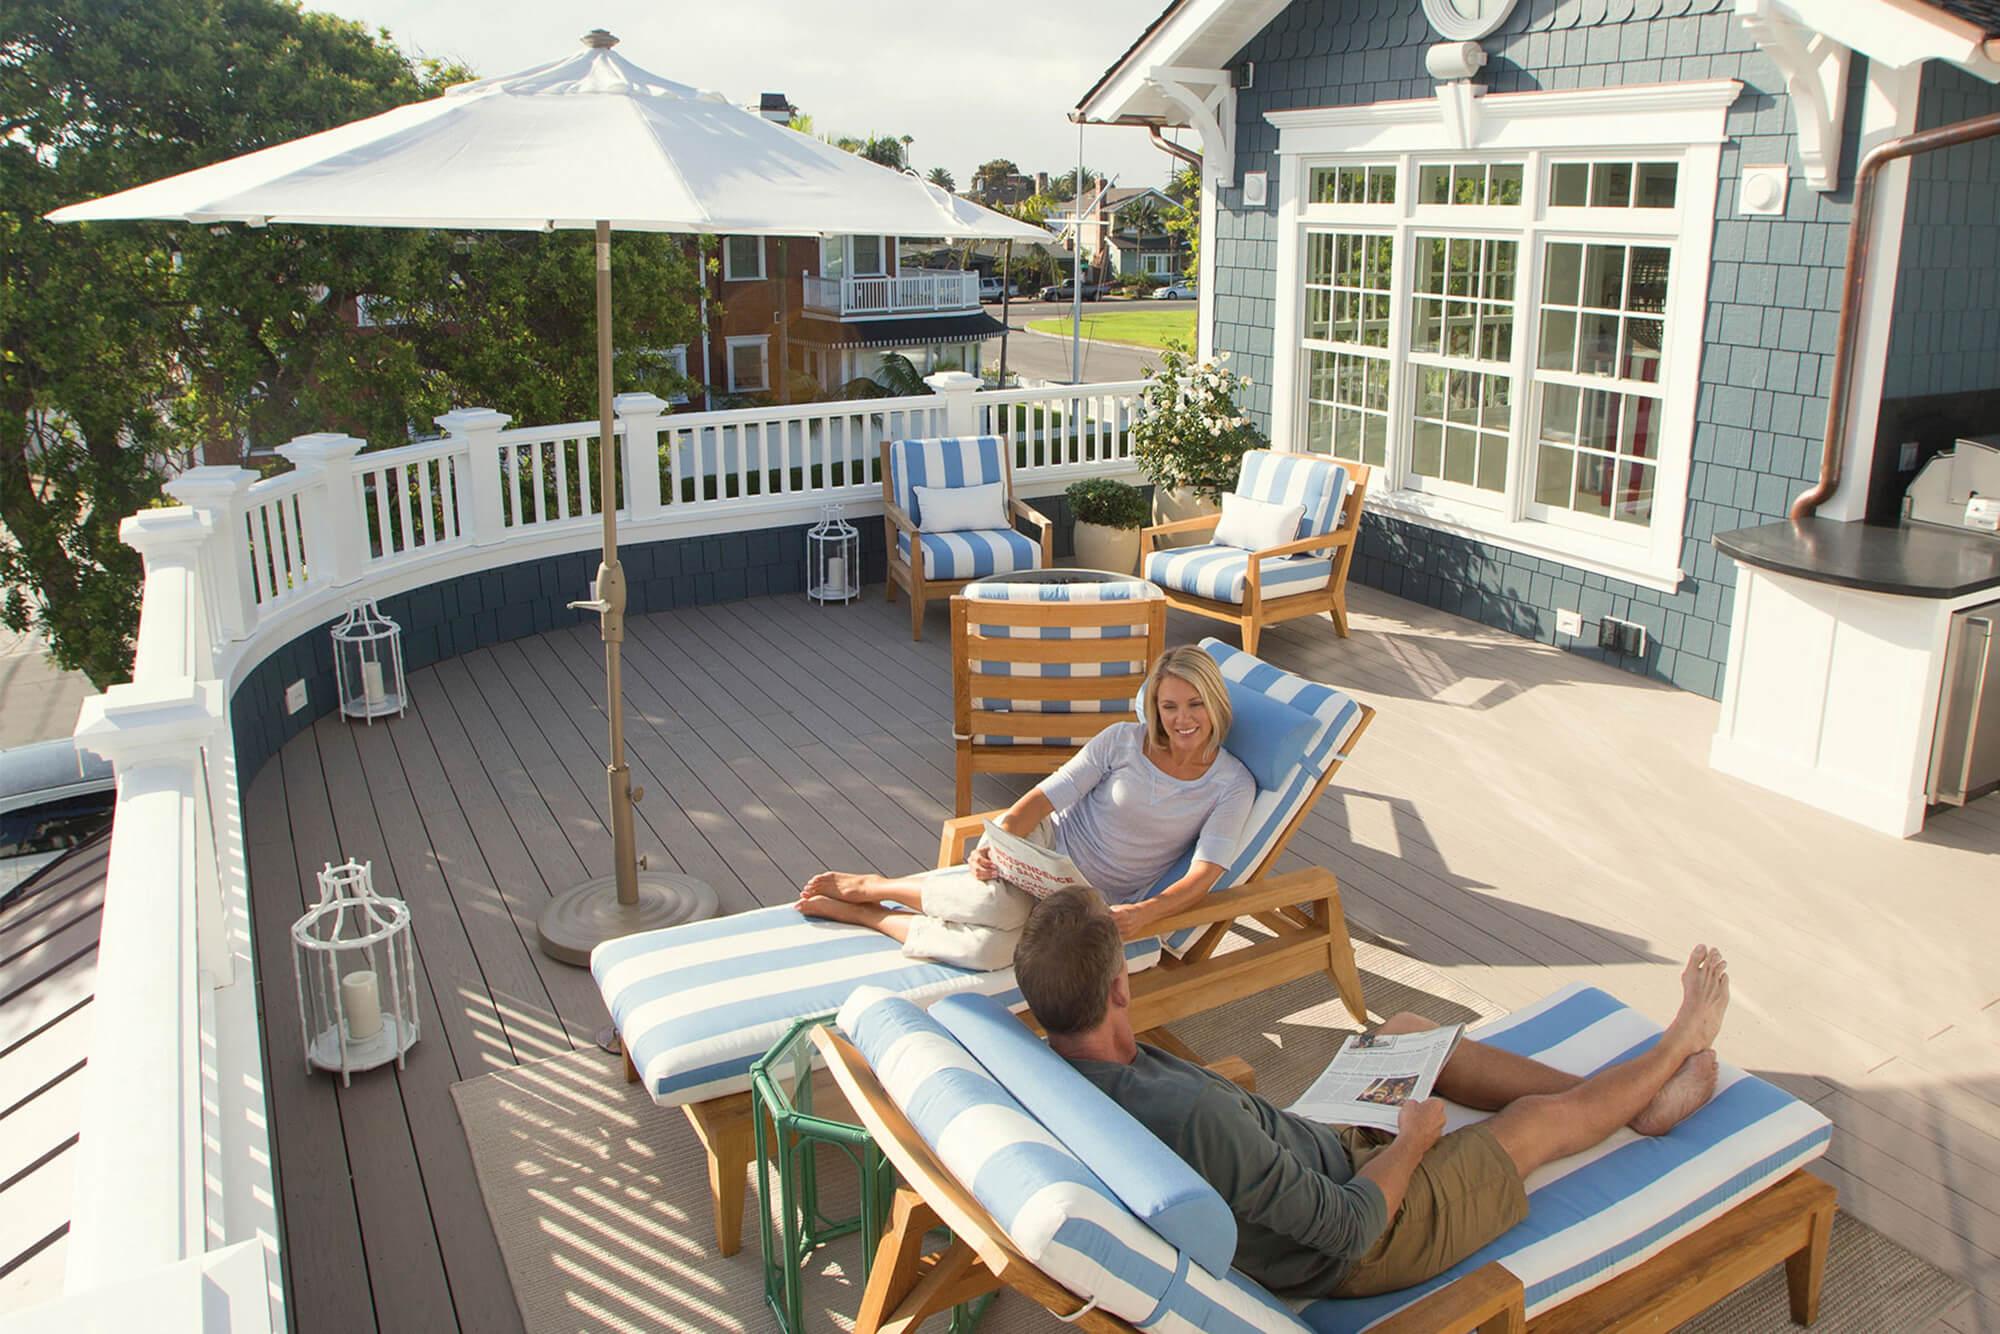 마당에 설치된 양산 아래의 실외용 가구에서 휴식을 취하고 있는 커플